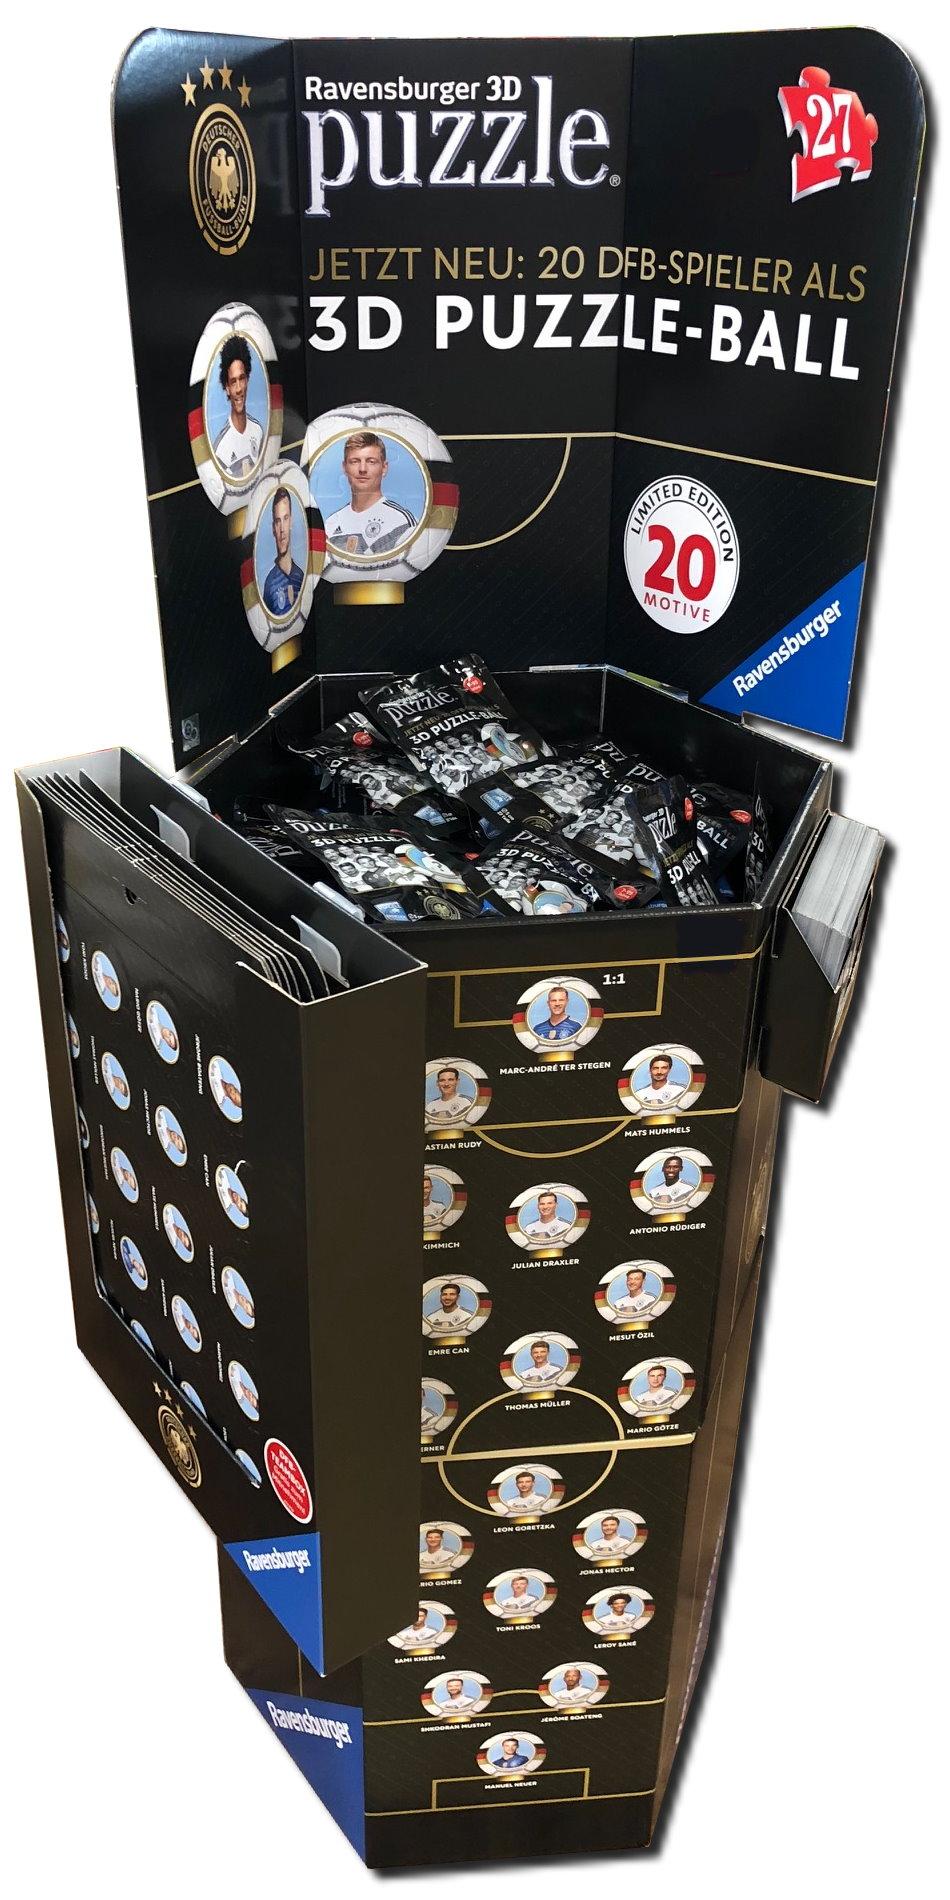 Passend Zur Diesjahrigen Fussball Wm Die 3d Puzzle Balle